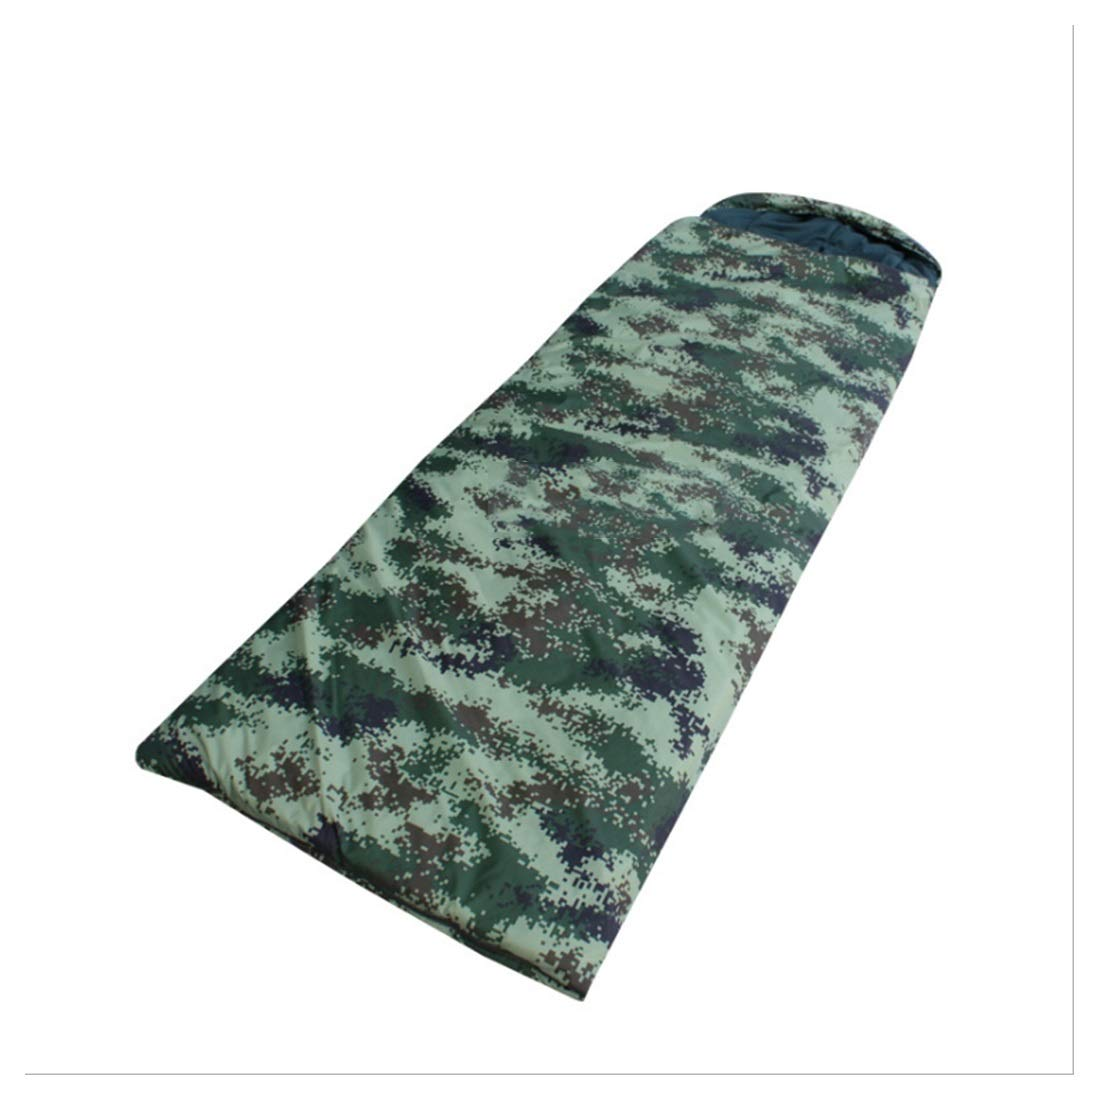 UICICI Saco de Dormir para para para Acampar - Comodidad para Adultos Cálido Wheather con Sake de compresión (Size : 1500g) 92578b